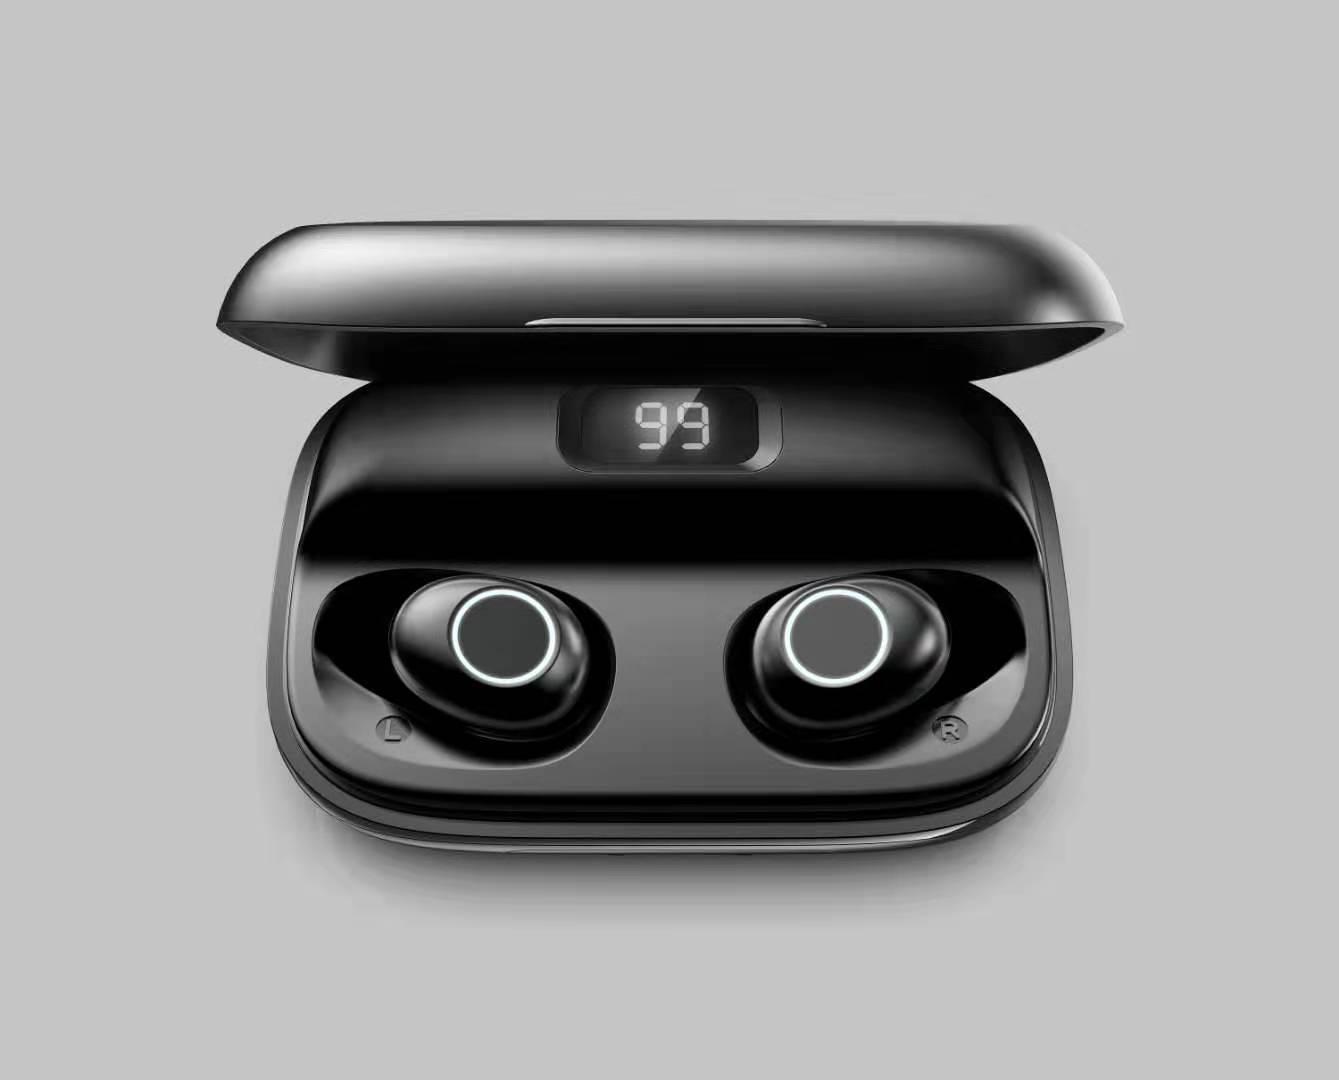 Tai nghe Bluetooth thể thao không dây Màn hình kỹ thuật số T10 tws